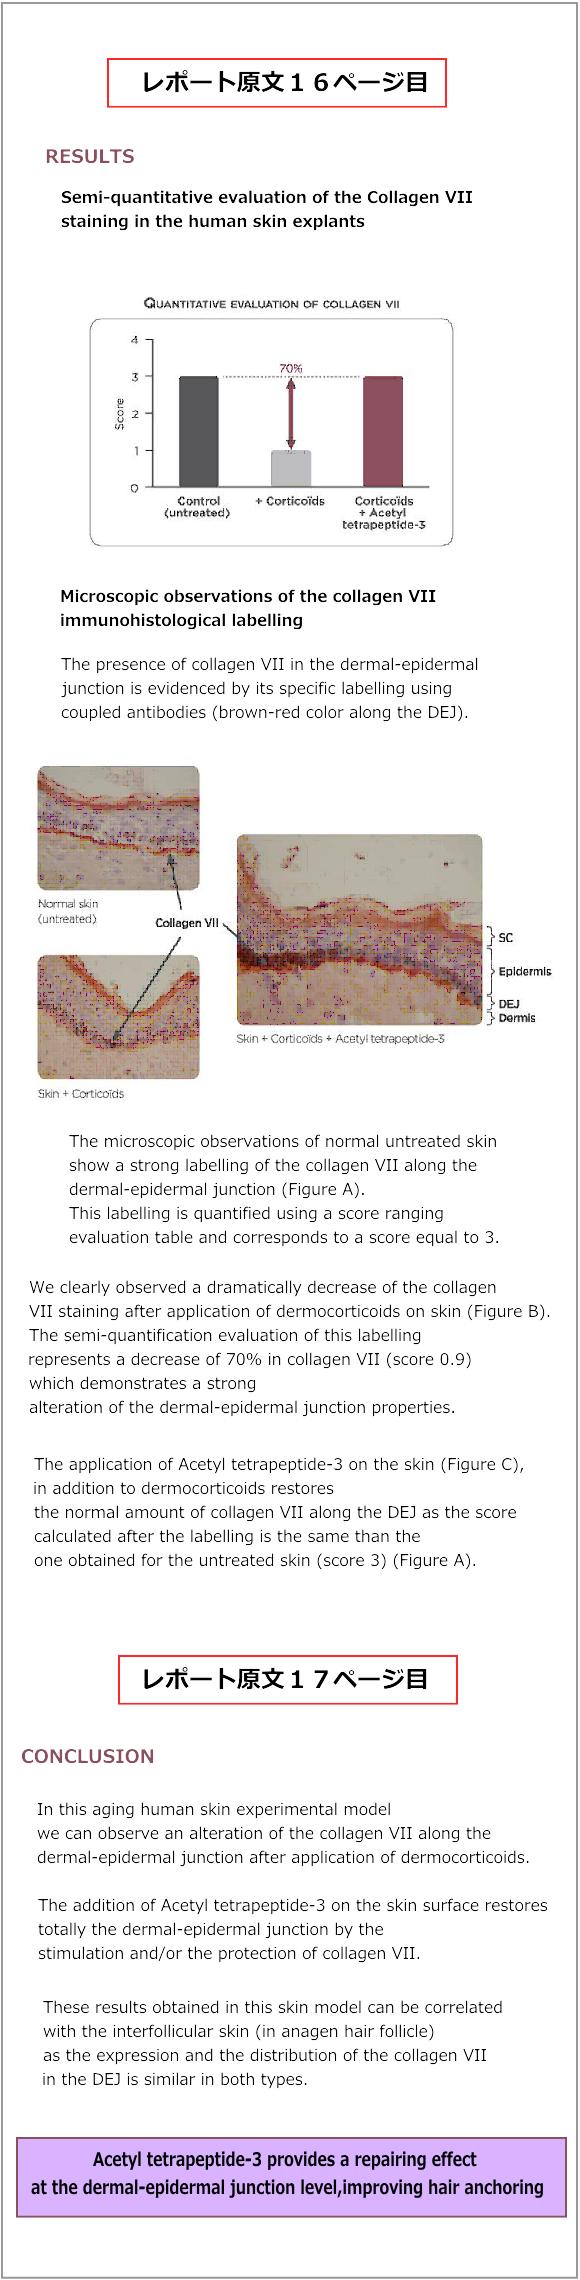 ルーカスマイヤー臨床レポート16,17ページ目